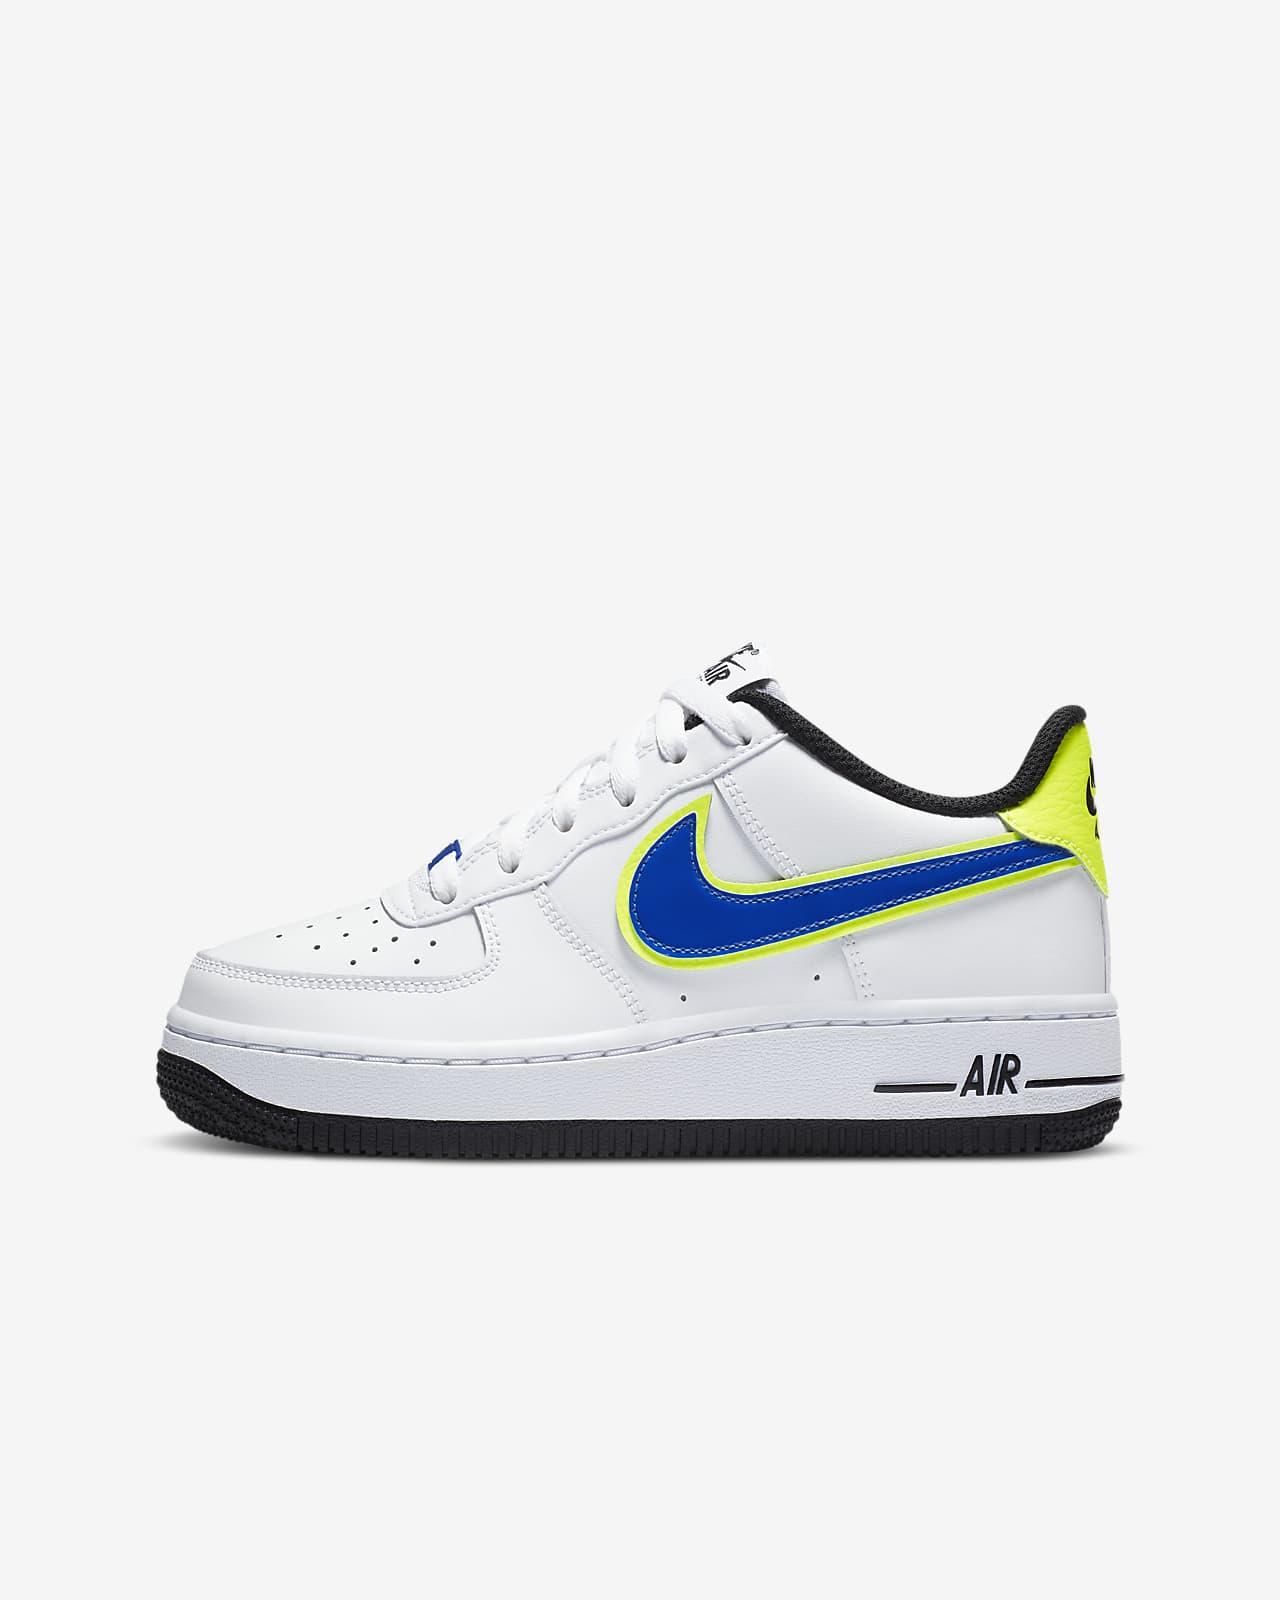 Παπούτσι Nike Air Force 1 '07 για μεγάλα παιδιά